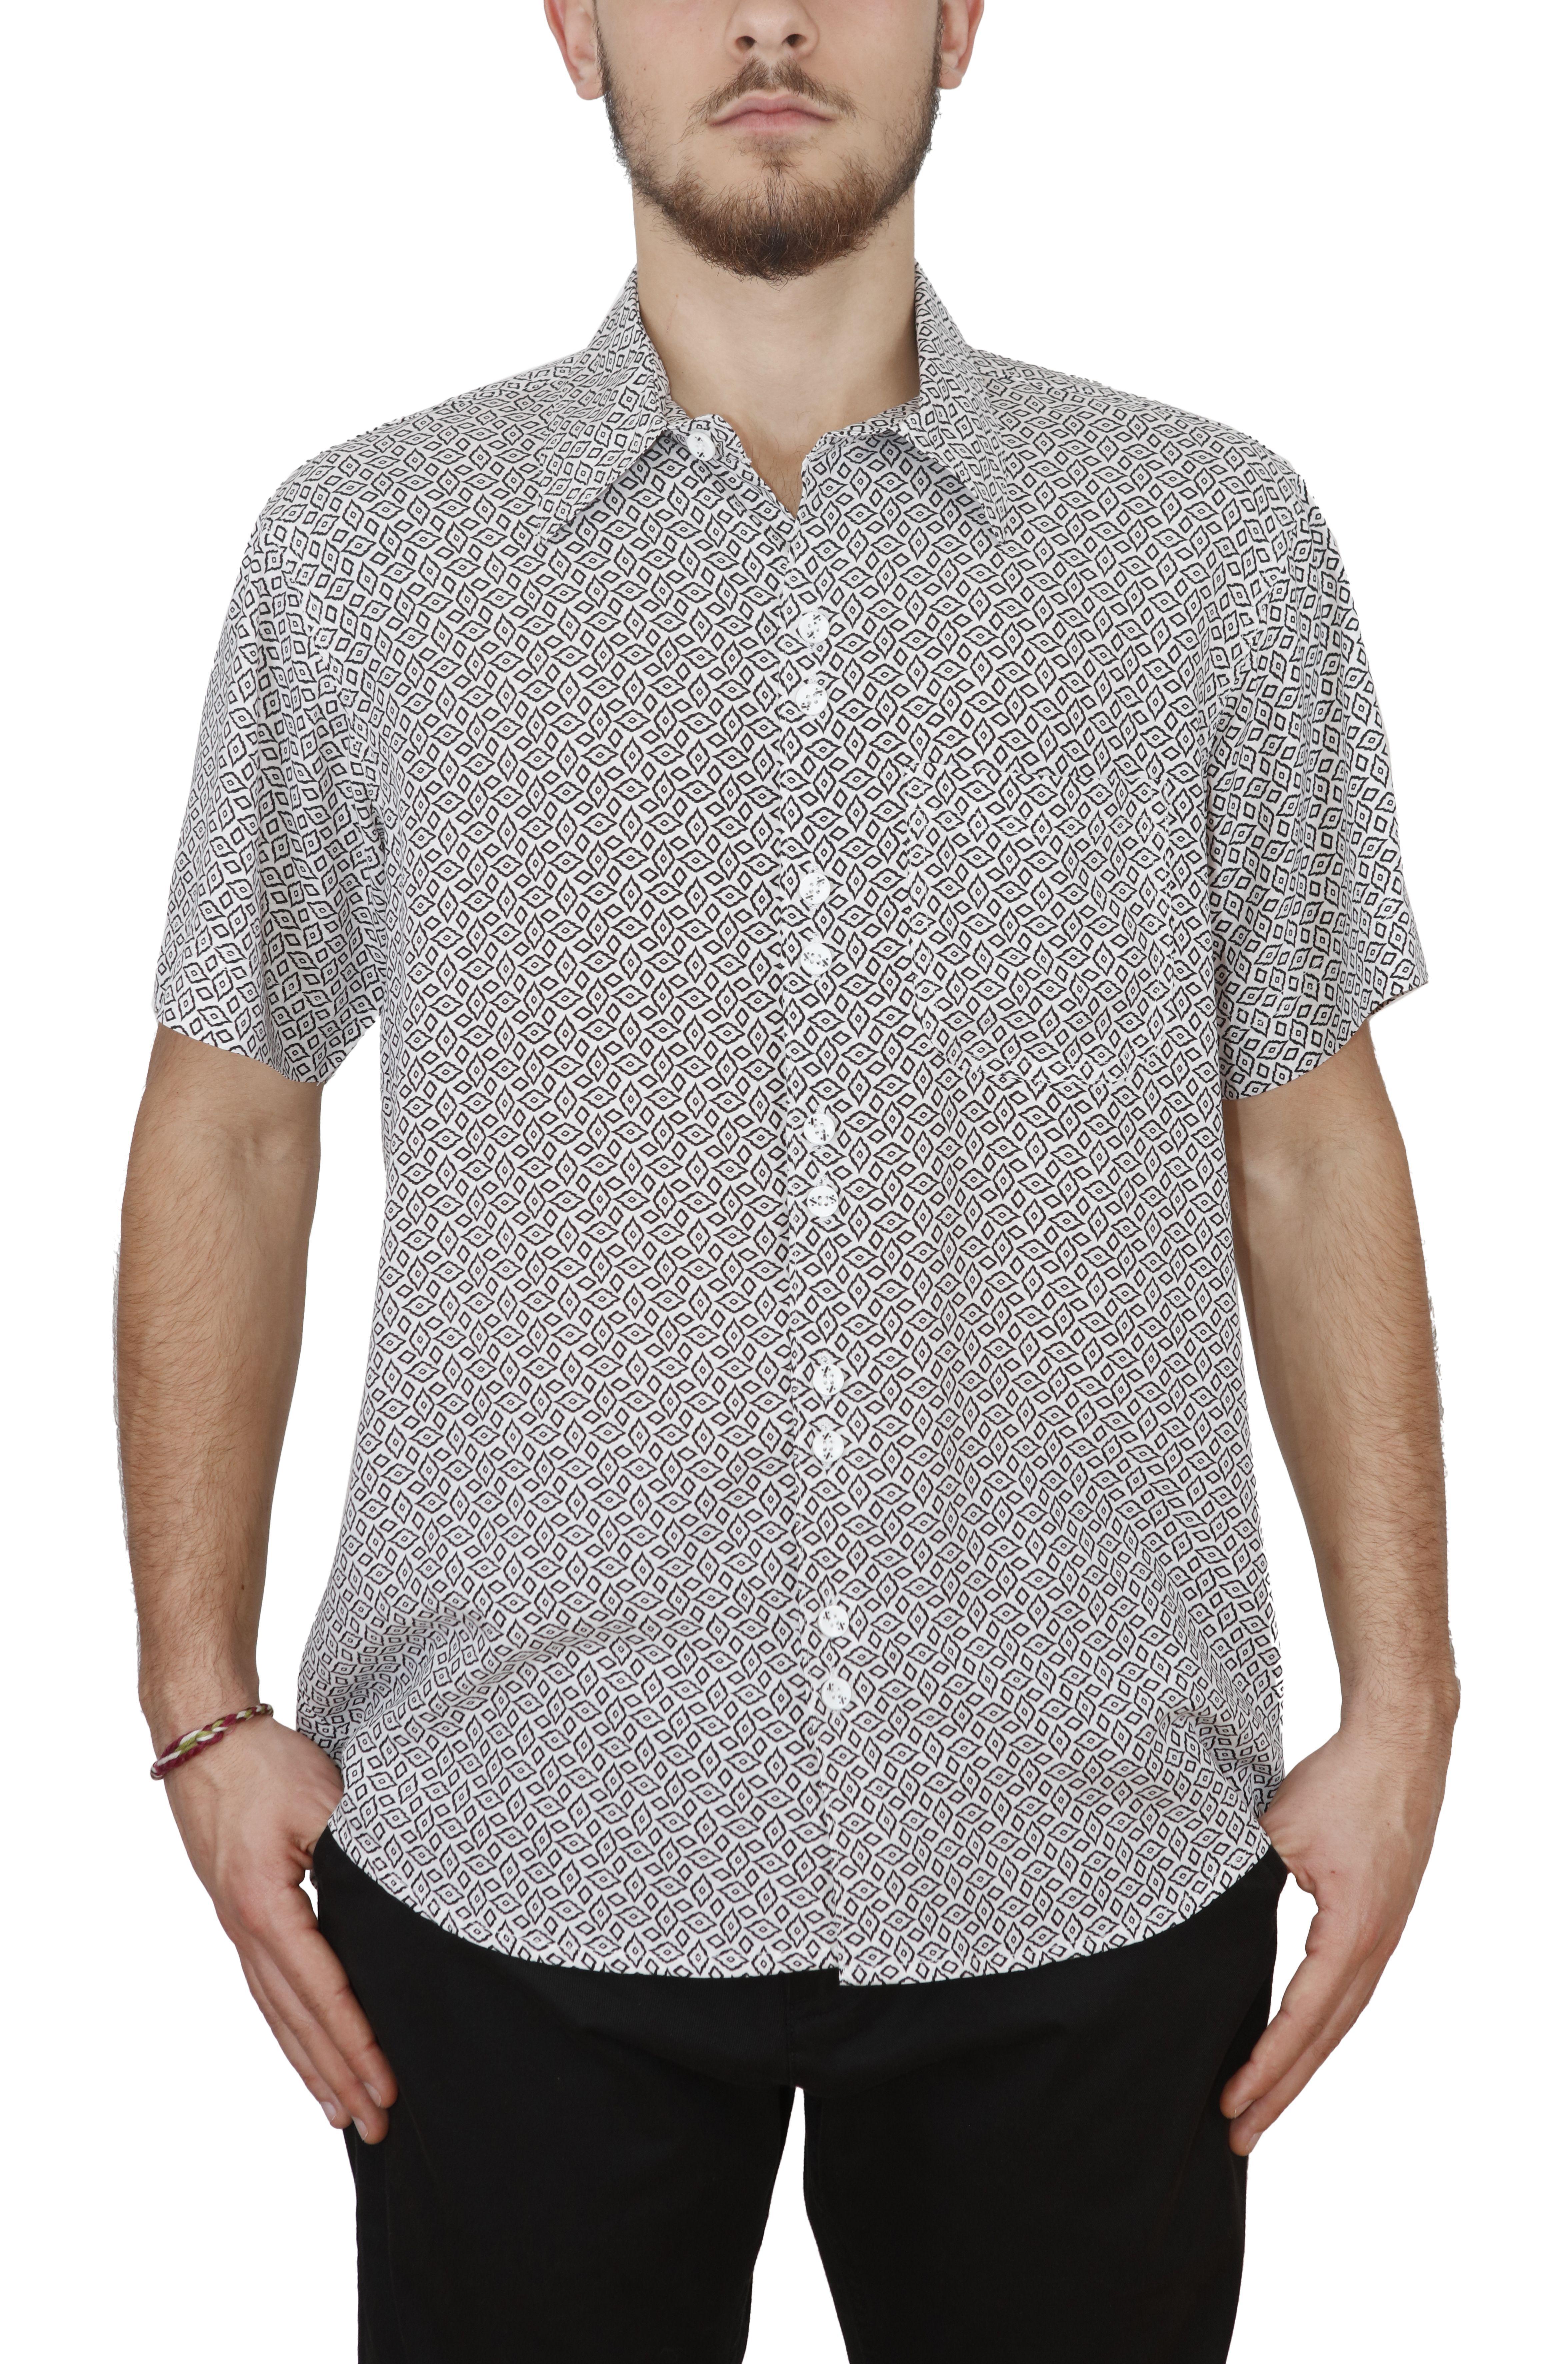 Black Mamba Shirt SAGU White/Black